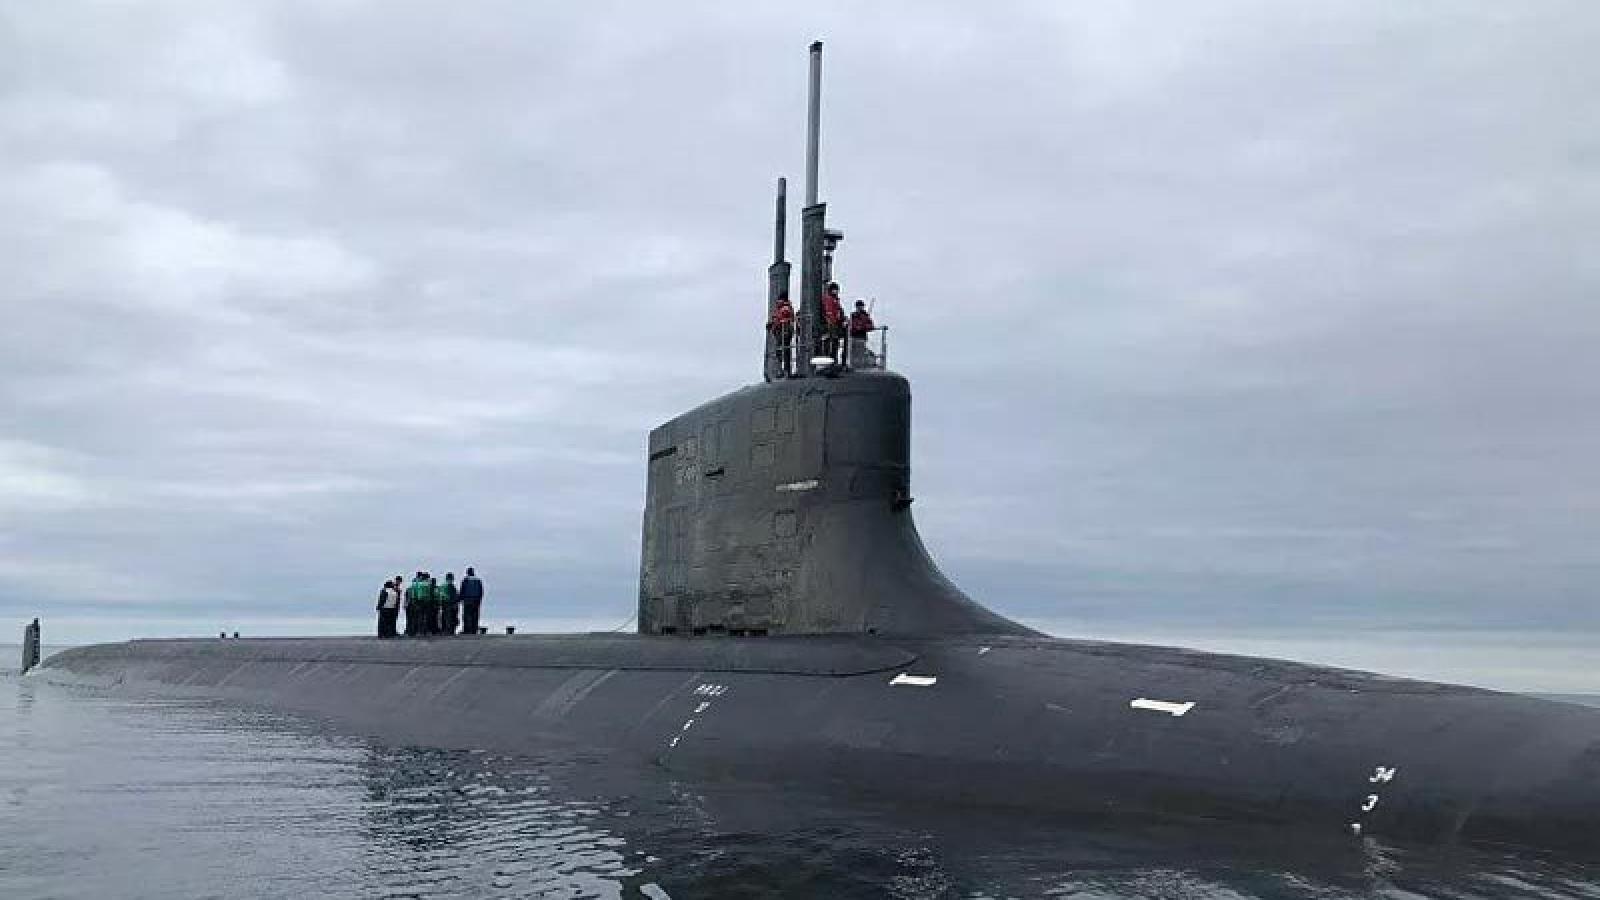 """Lực lượng tàu ngầm - """"công cụ"""" giúp Mỹ khắc chế tham vọng của Trung Quốc"""